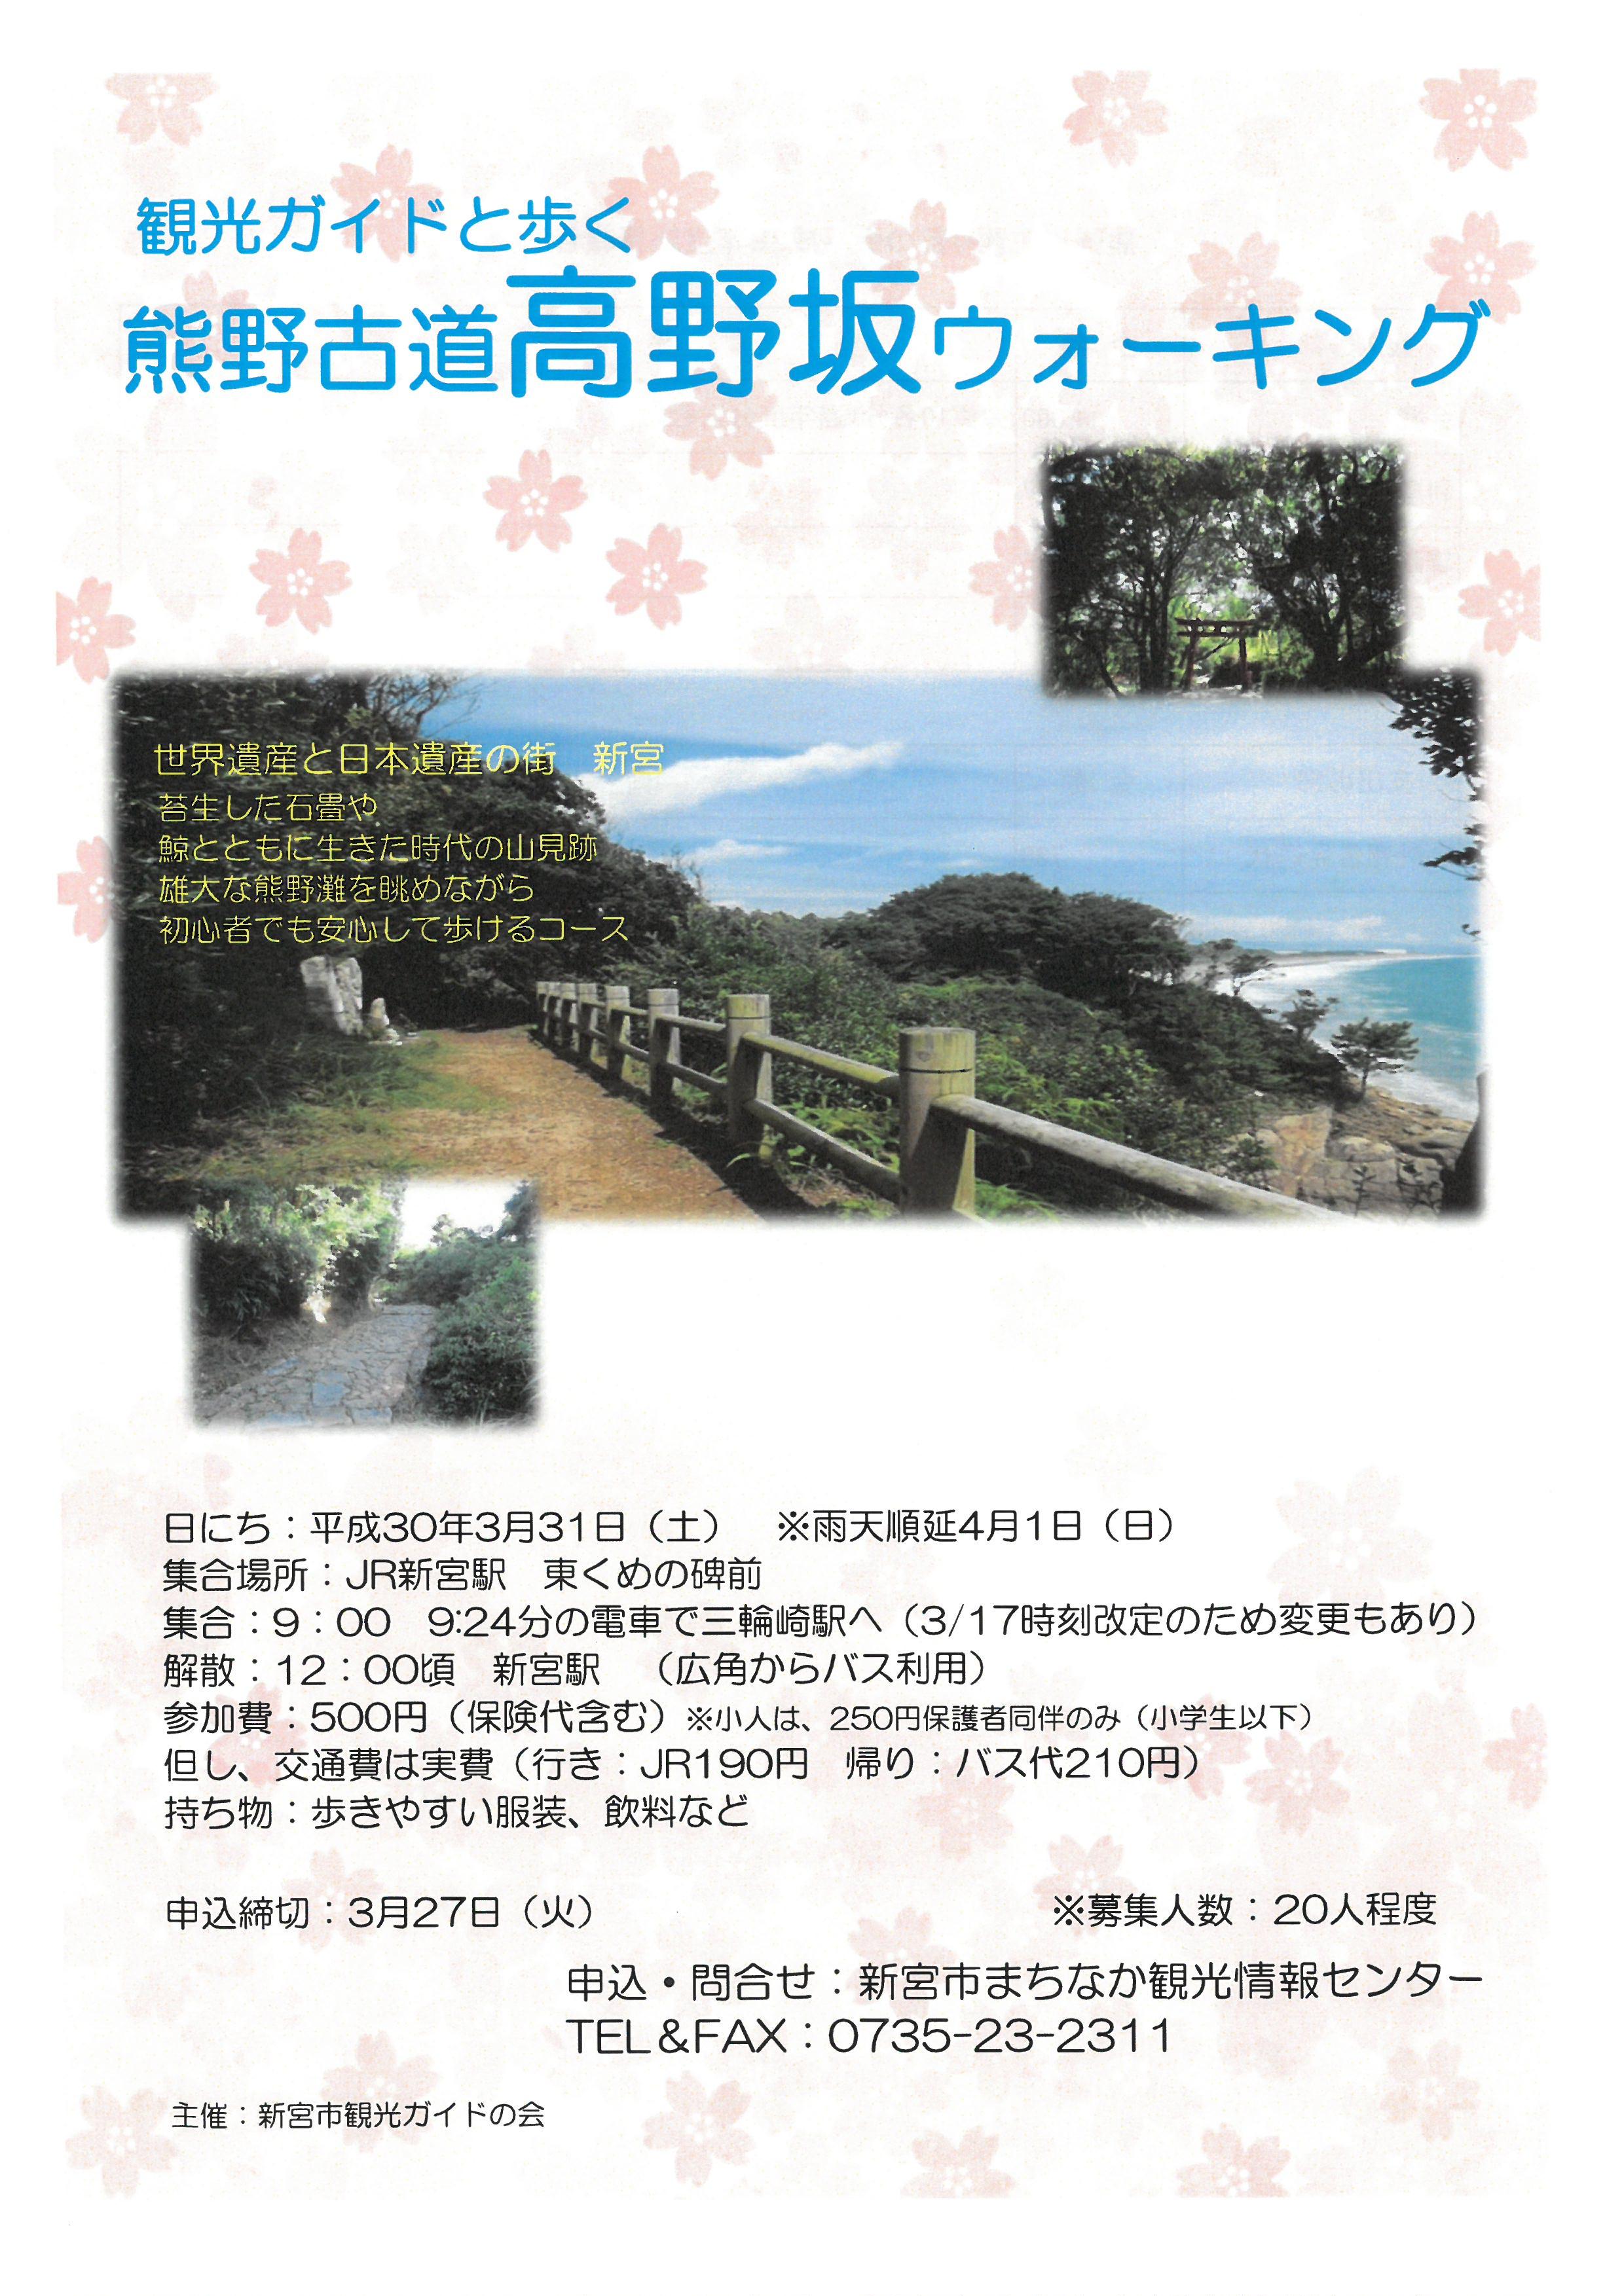 観光ガイドと歩く『熊野古道高野坂ウォークキング』の開催について